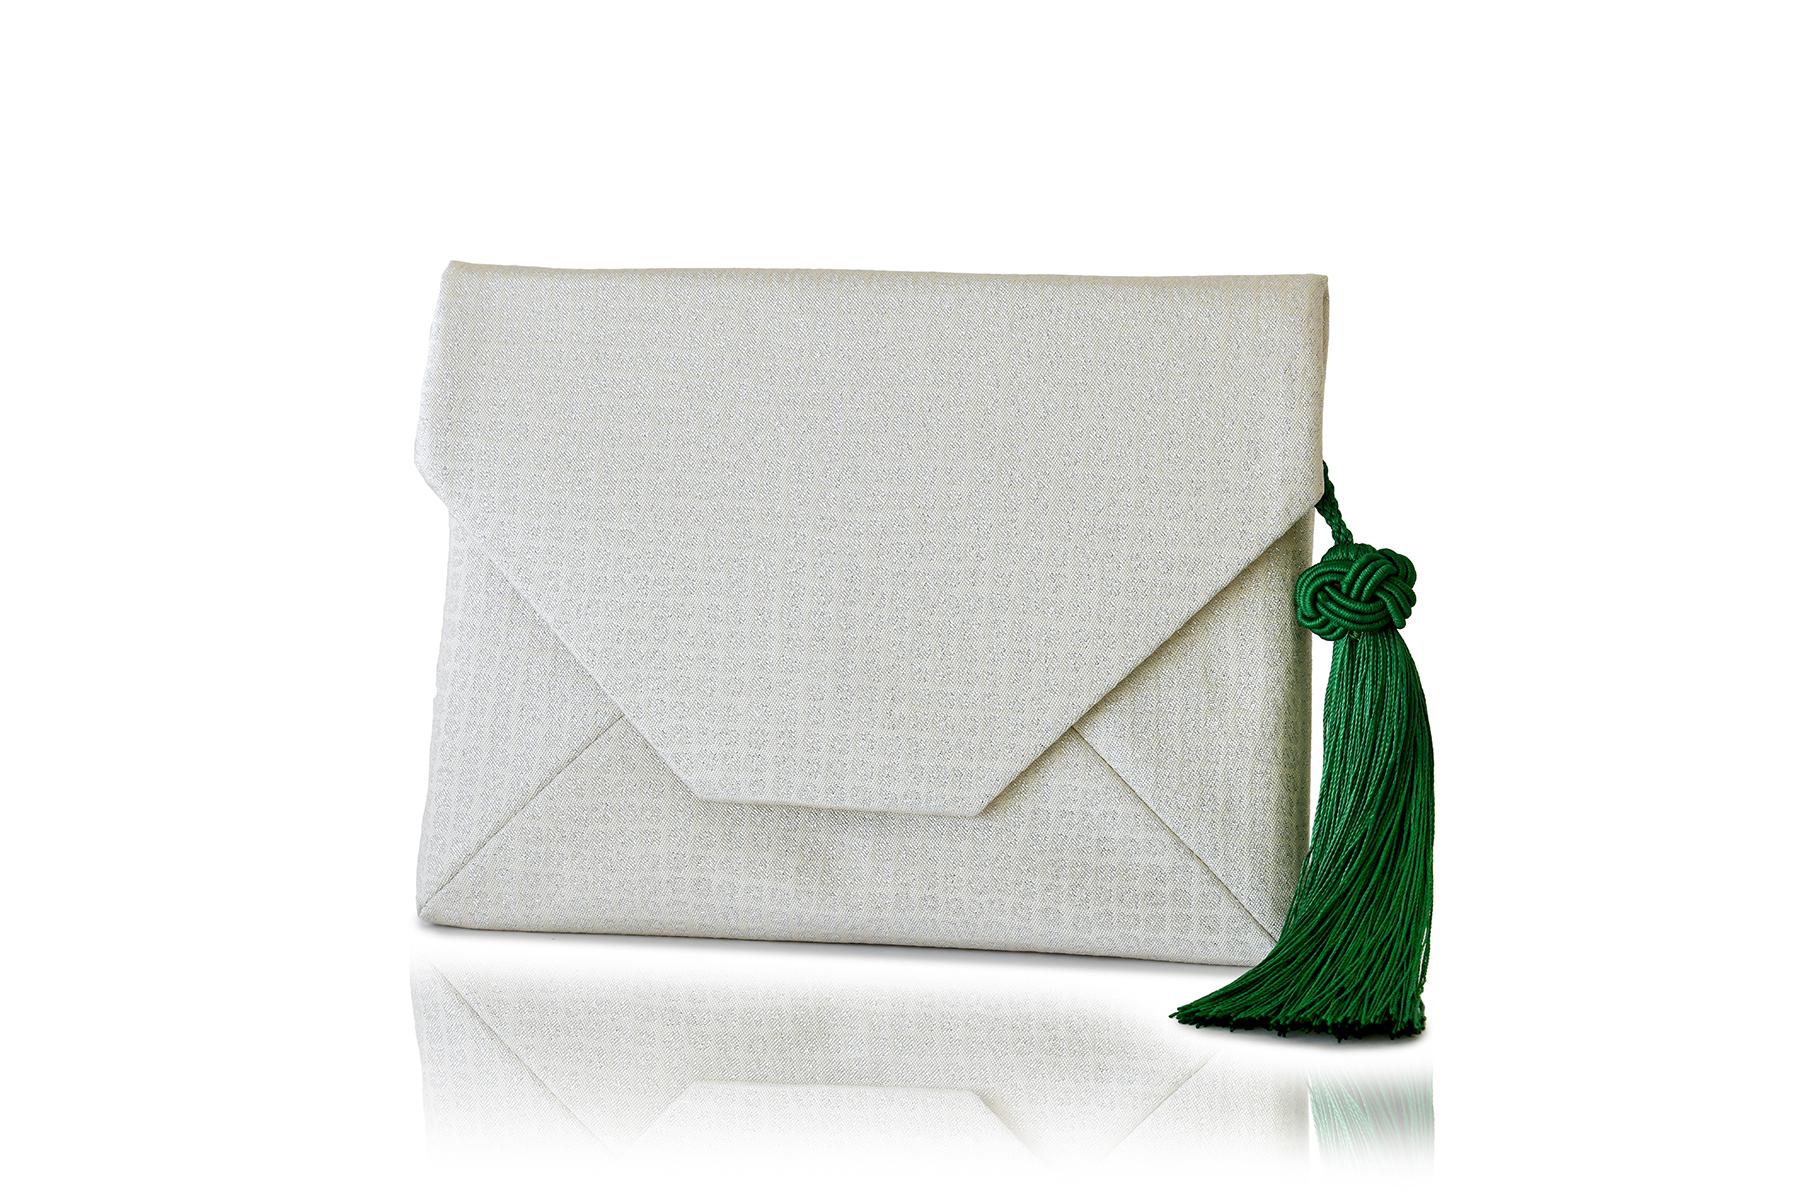 すきや袋 / 銀無地袋帯 /「格子紋」白 / OSK-FUK-M71-C11-9